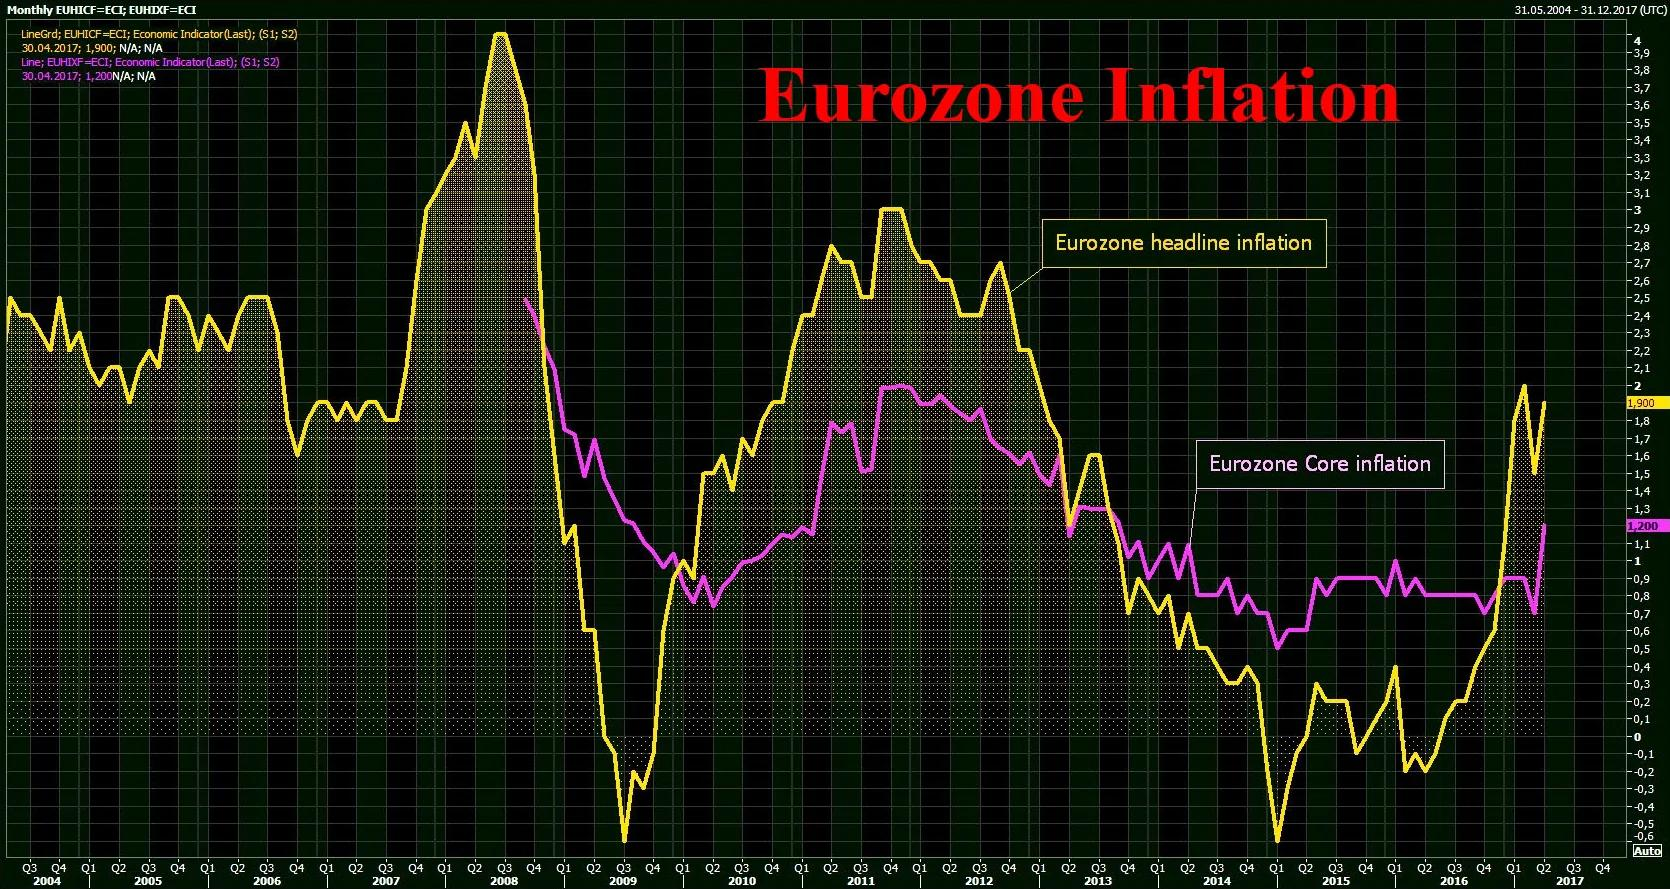 欧元区4月CPI触及欧央行通胀目标 核心CPI创4年新高